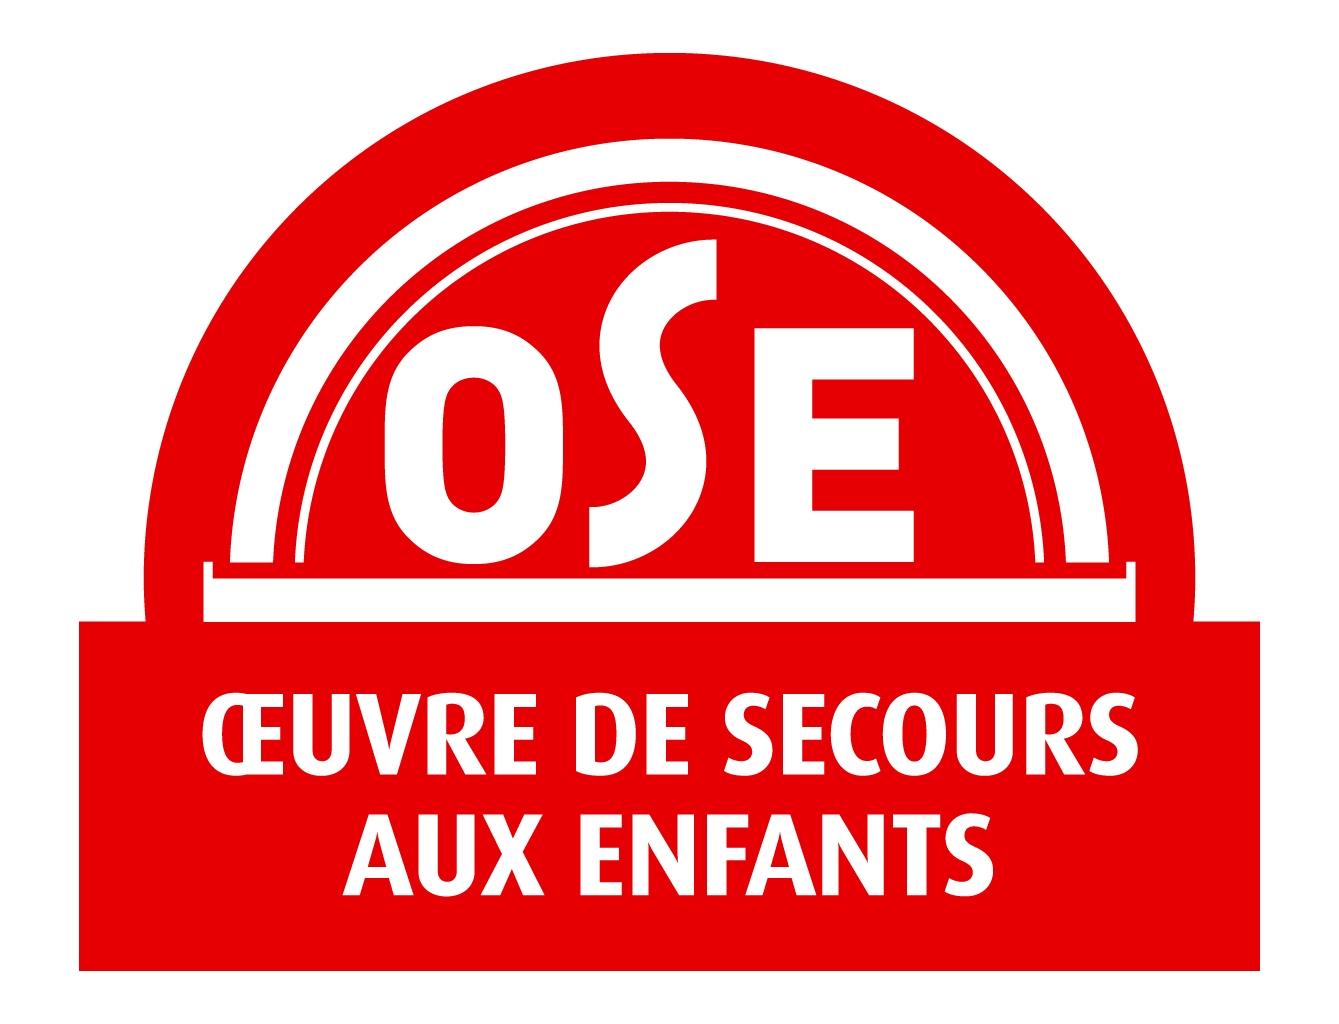 OSE (Oeuvre de Secours aux Enfants)